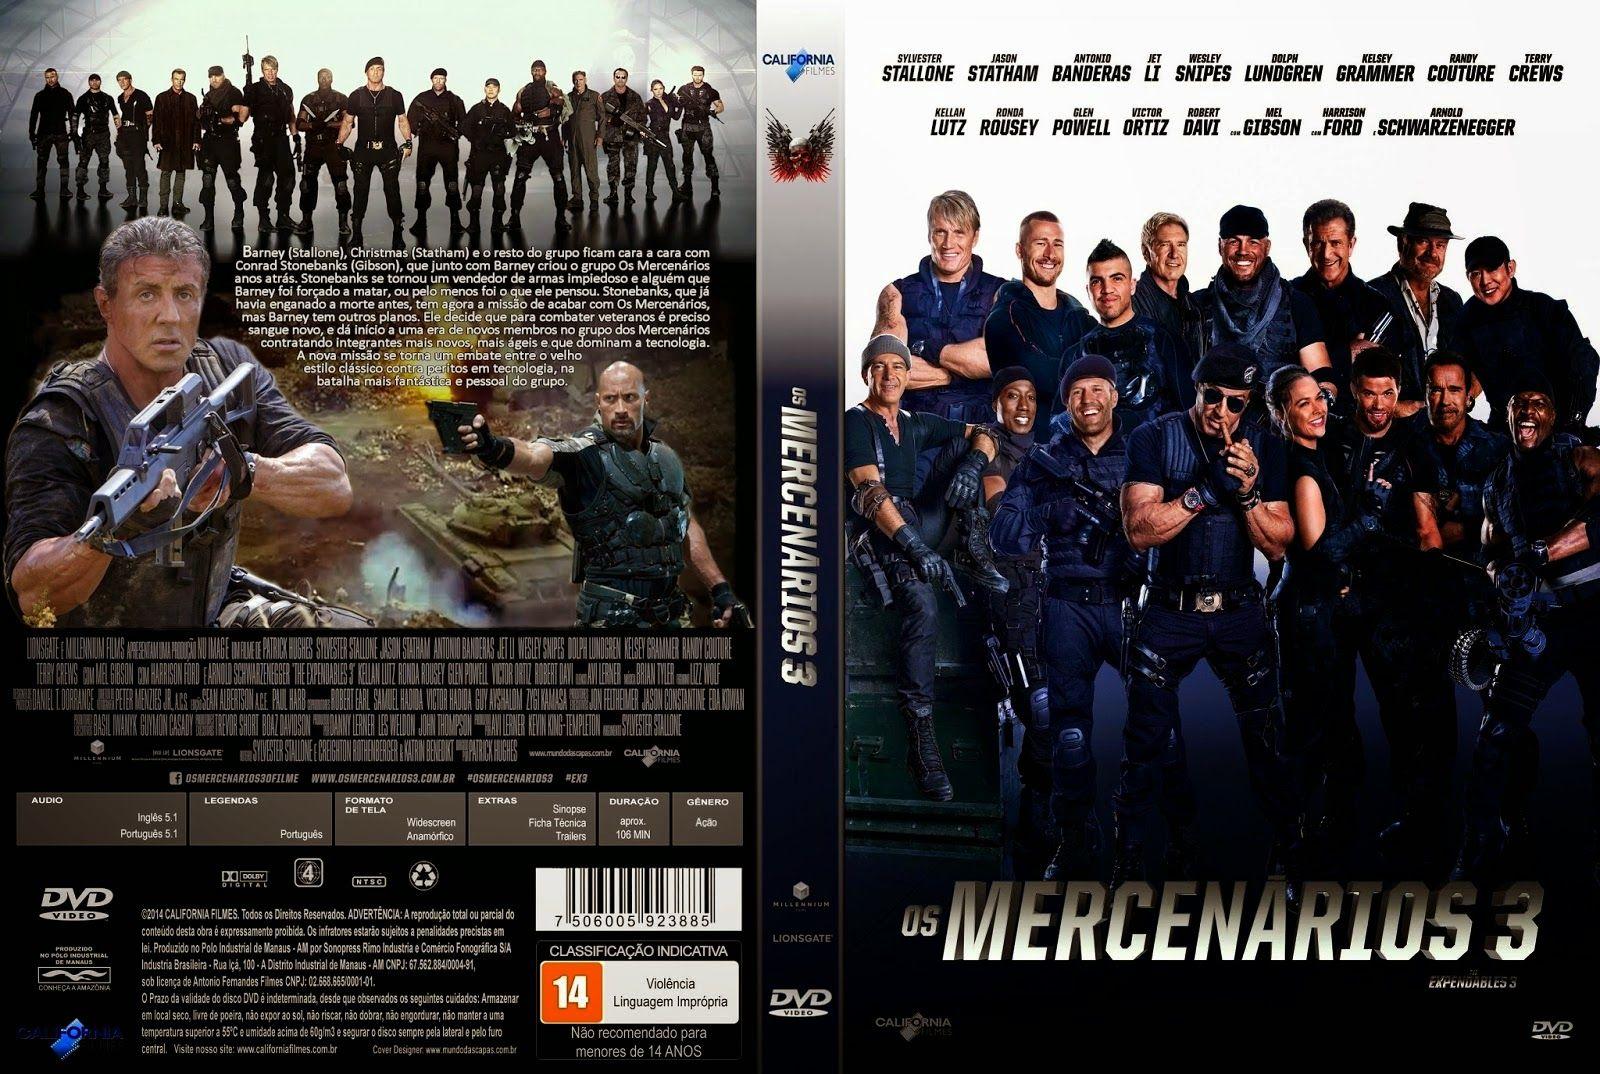 Os Mercenarios 3 2014 Os Mercenarios 3 Mercenarios 3 Filmes De Acao